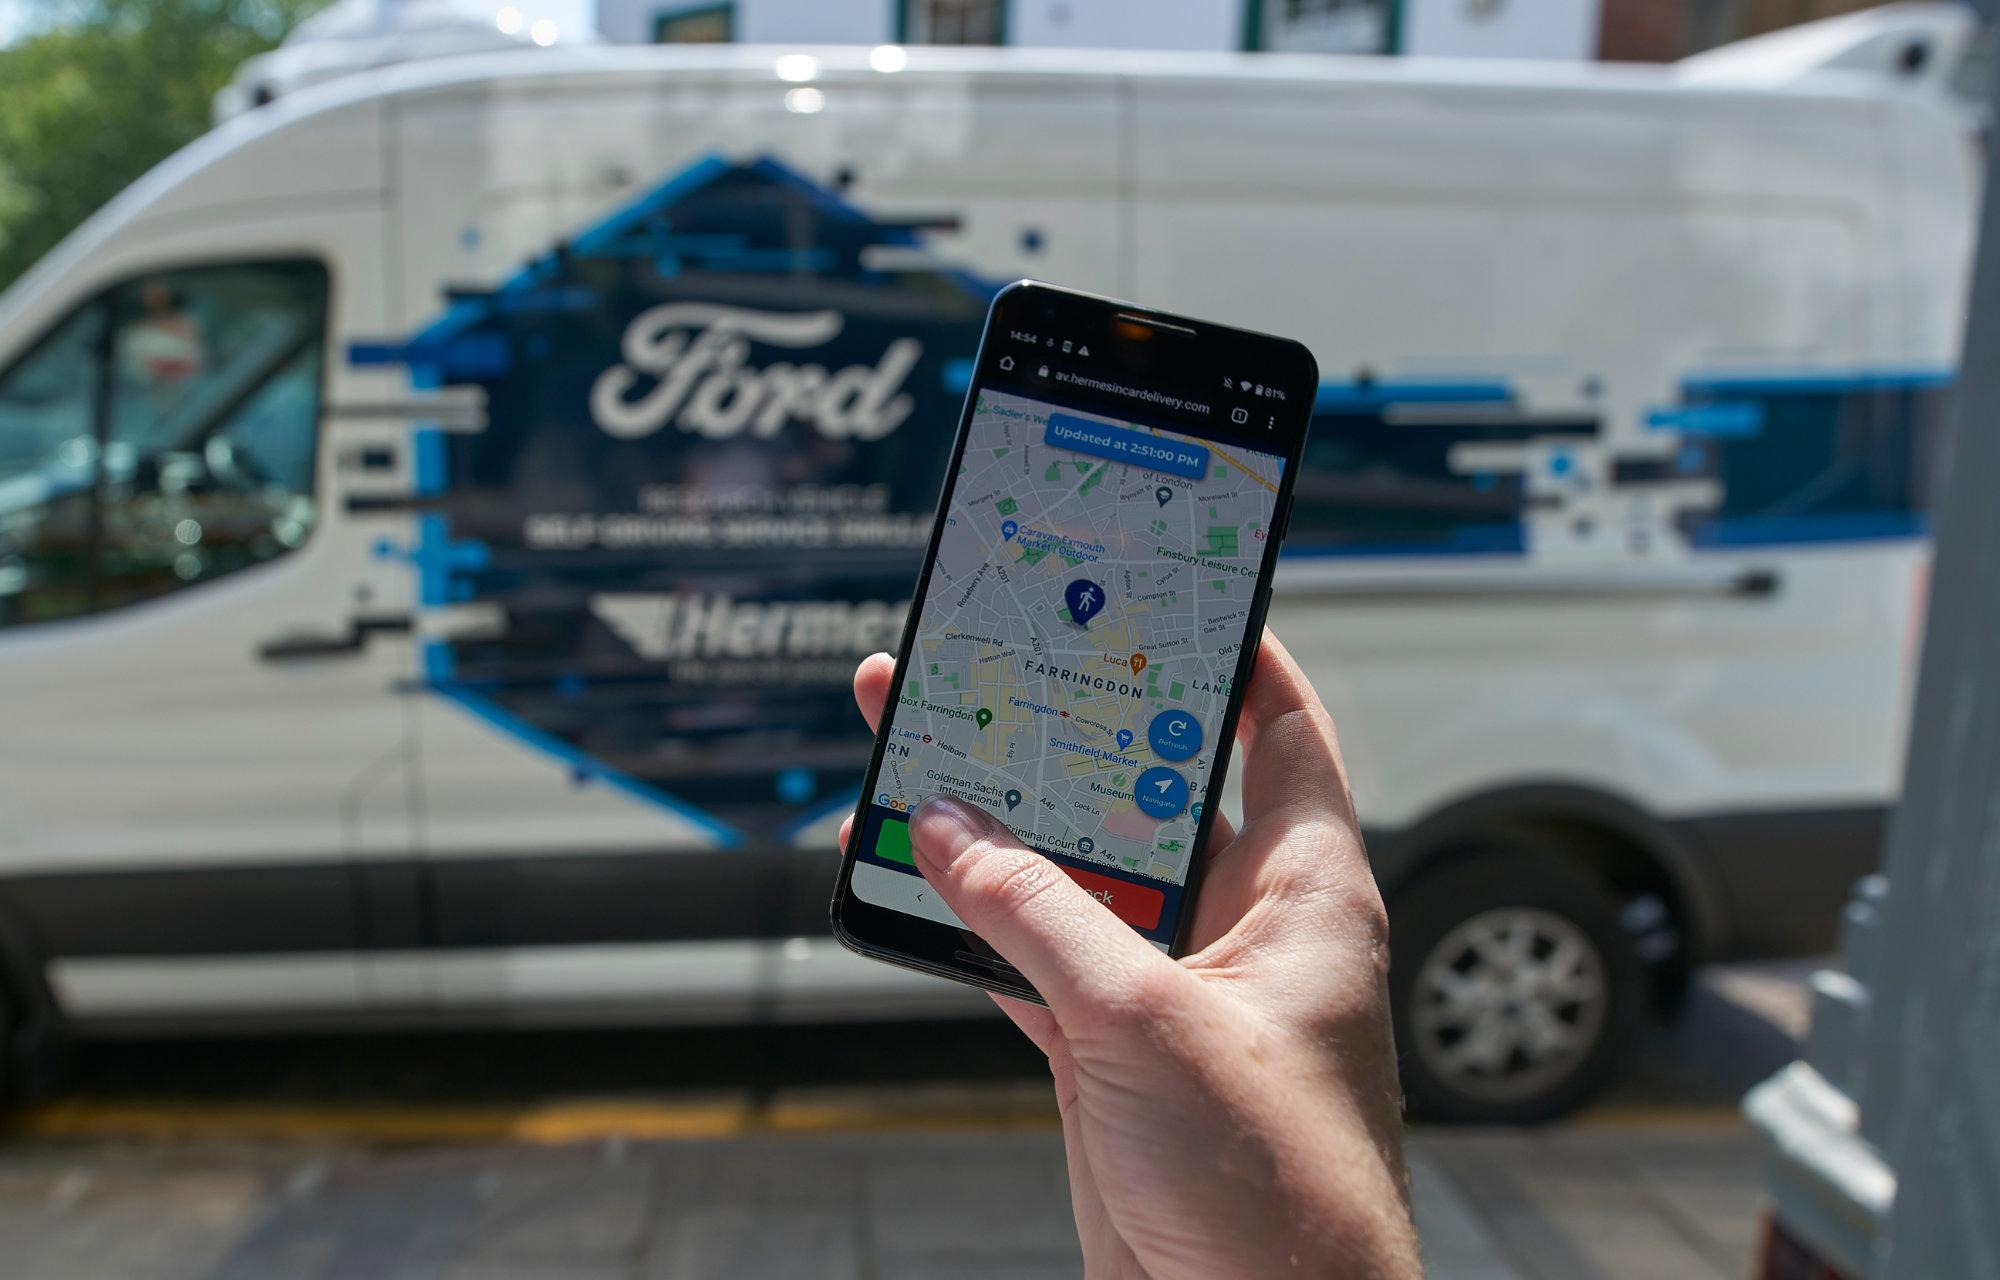 Ford inleder ny forskning med självkörande bilar och paketleveranser